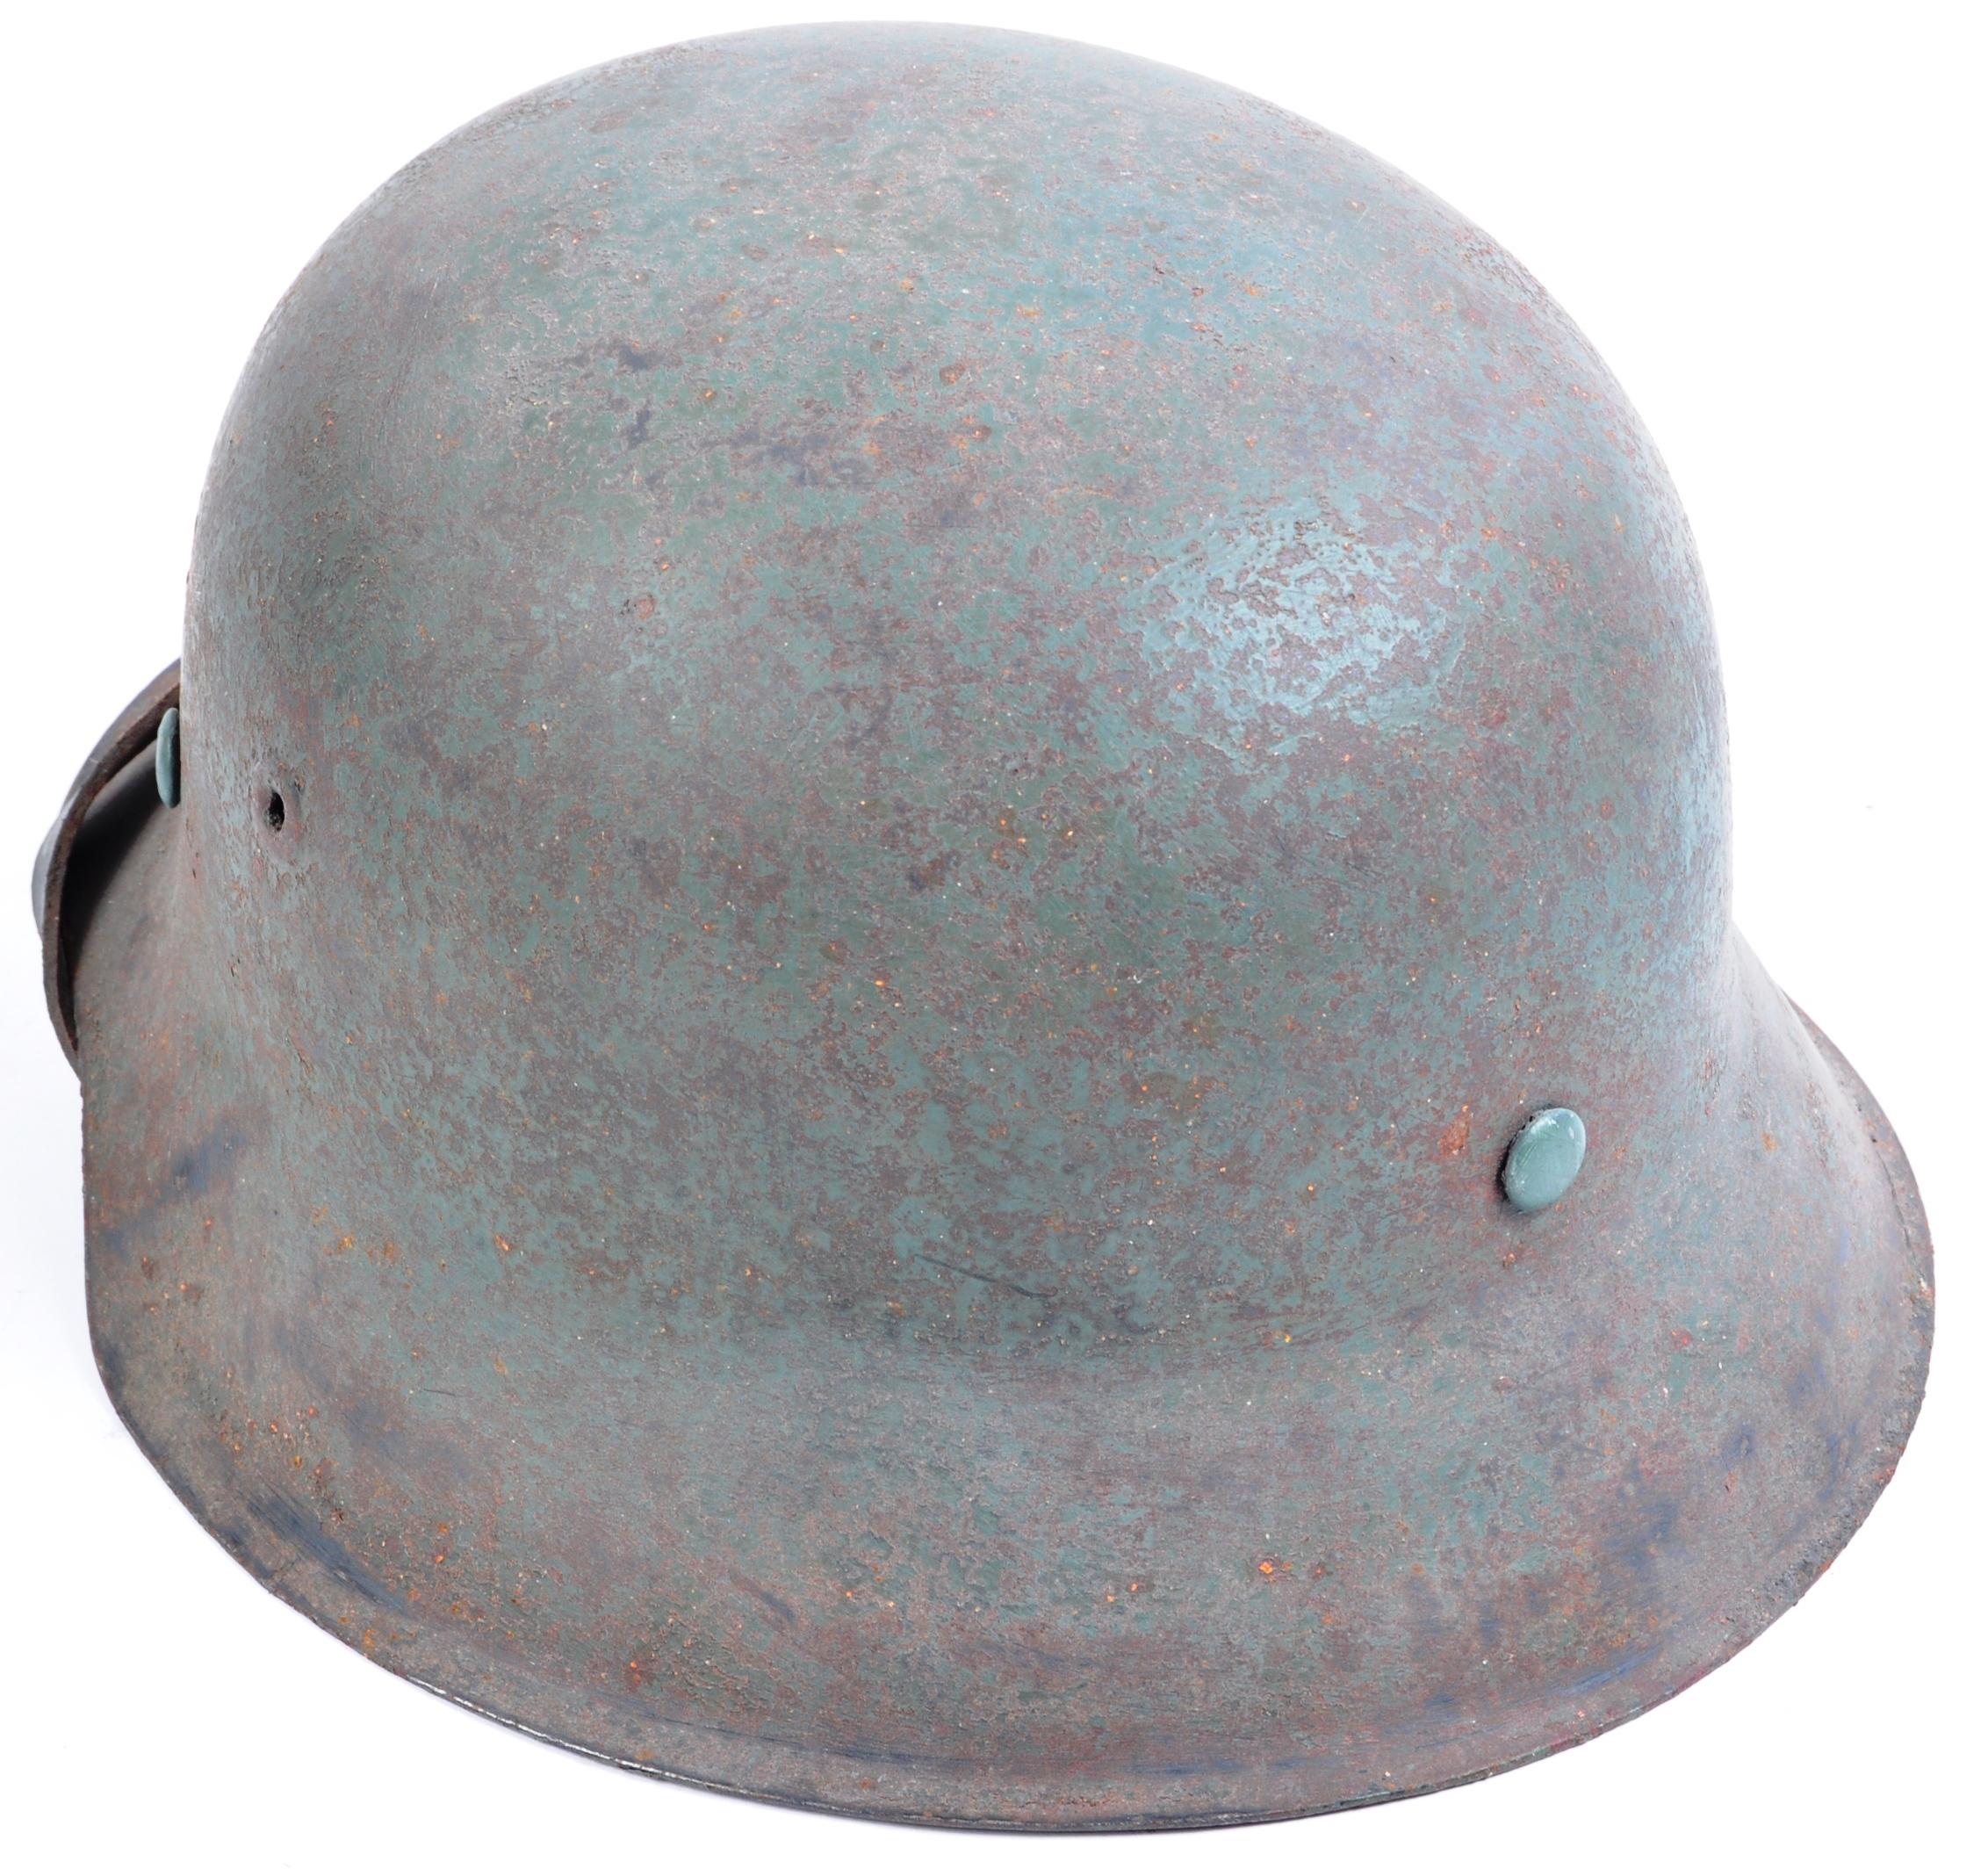 WWII SECOND WORLD WAR GERMAN THIRD REICH M42 COMBAT HELMET - Image 3 of 5